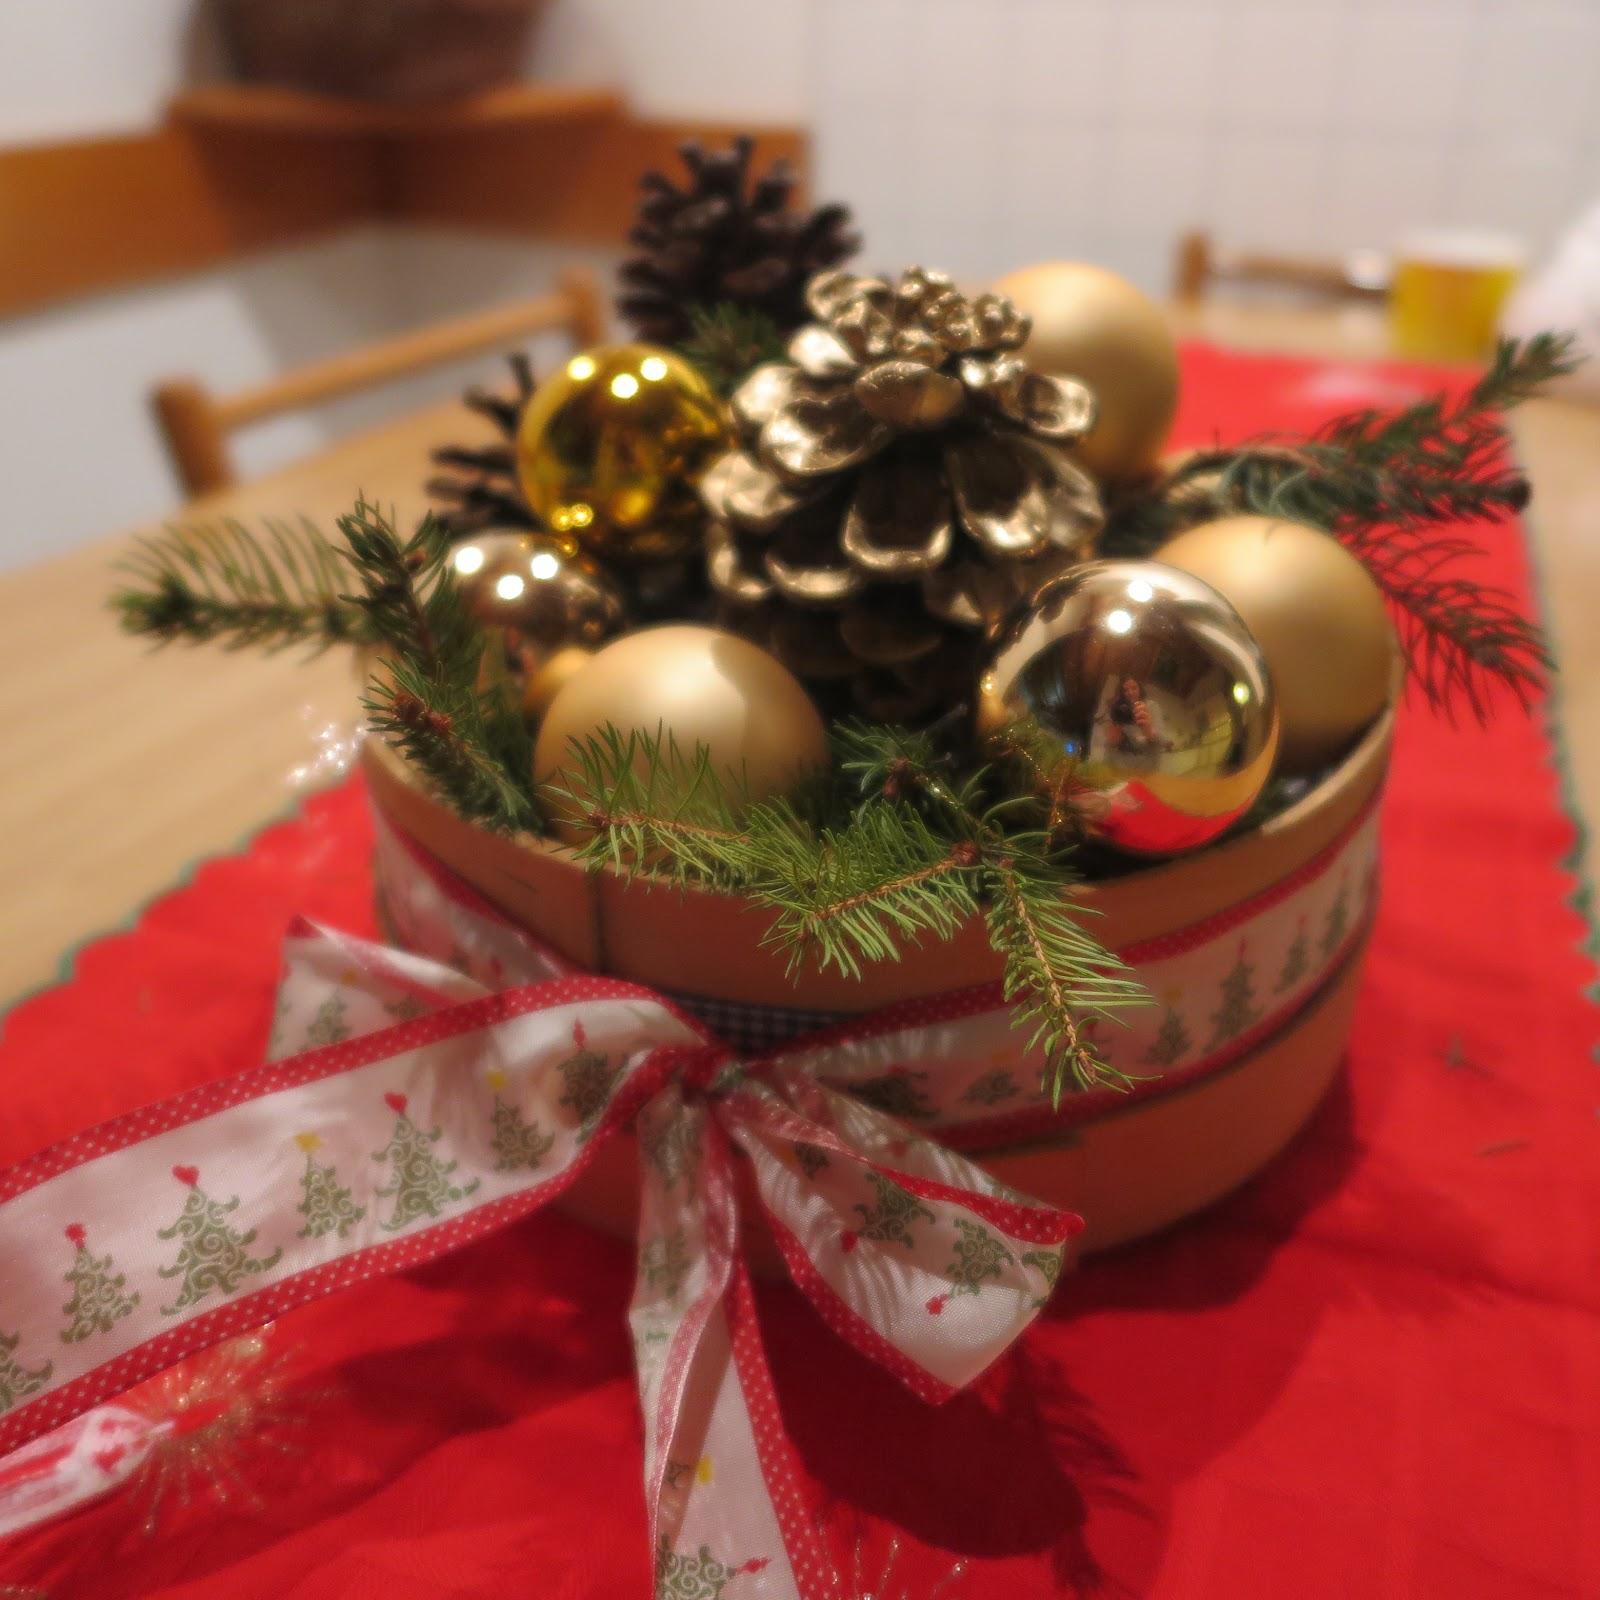 Palline Di Natale Con Rametti cartafyche: centrotavola natalizio